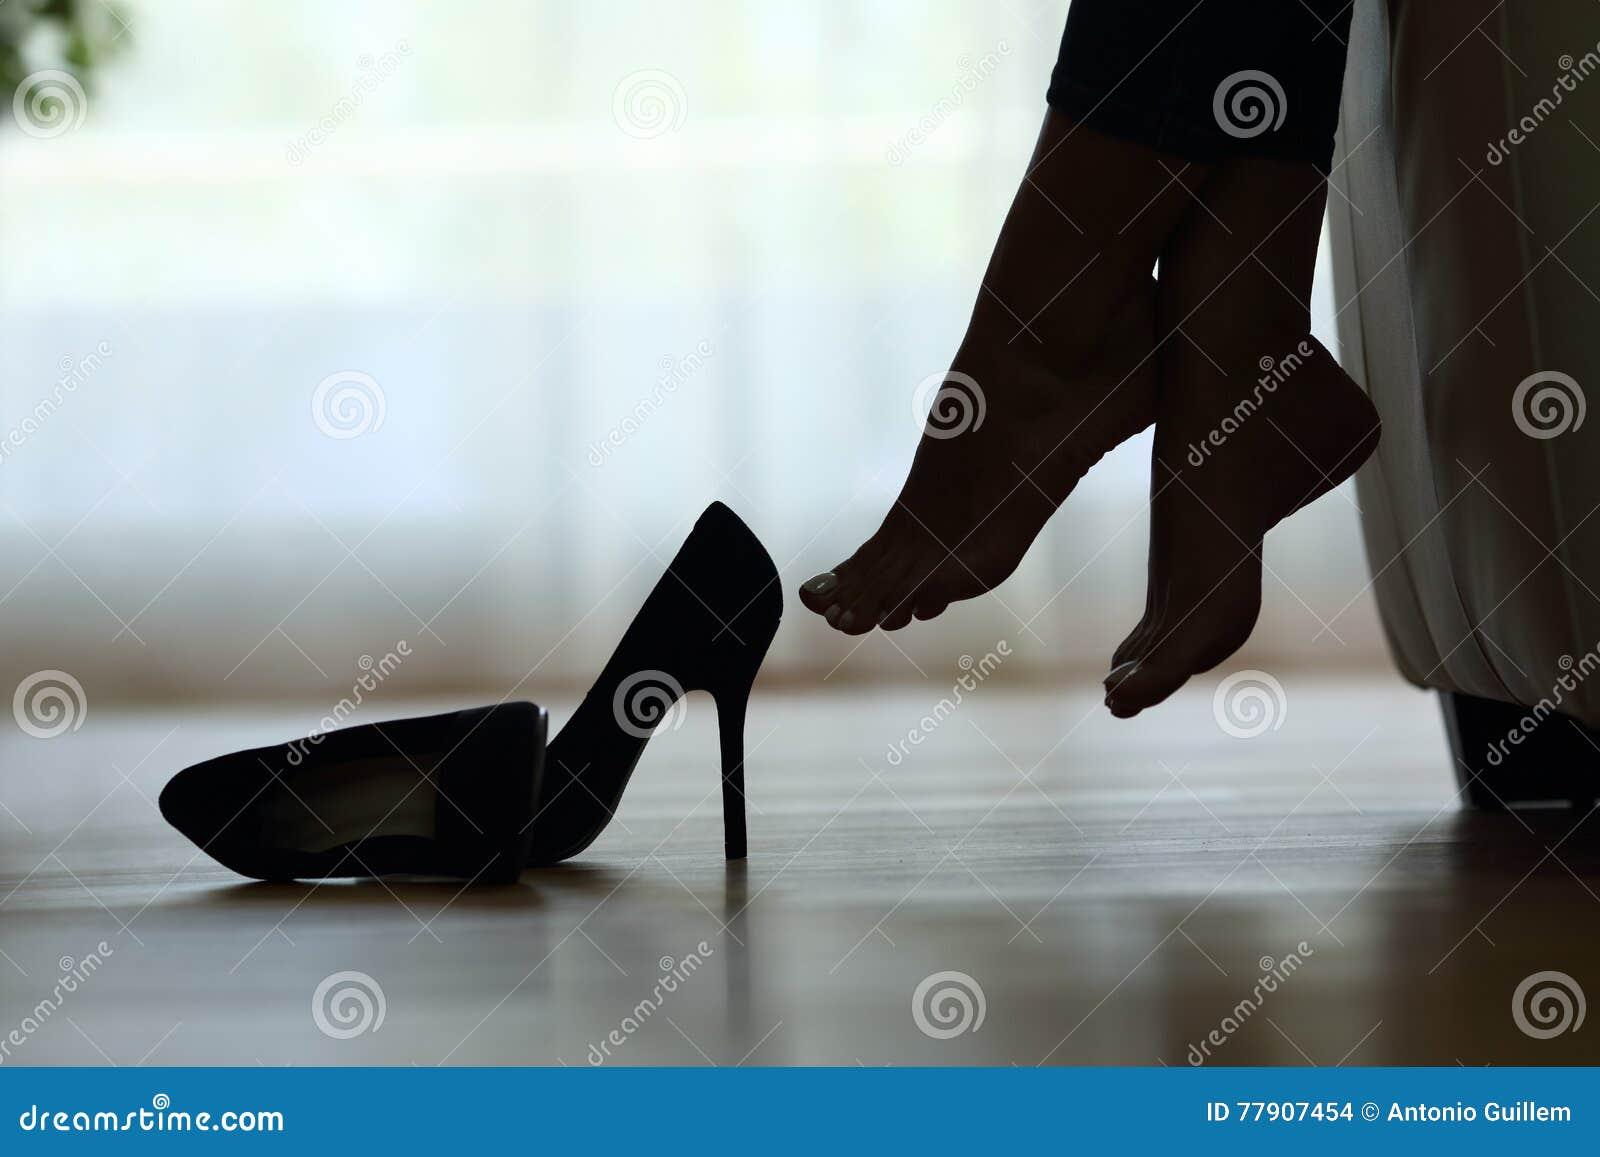 Silueta de la reclinación de los pies de la mujer